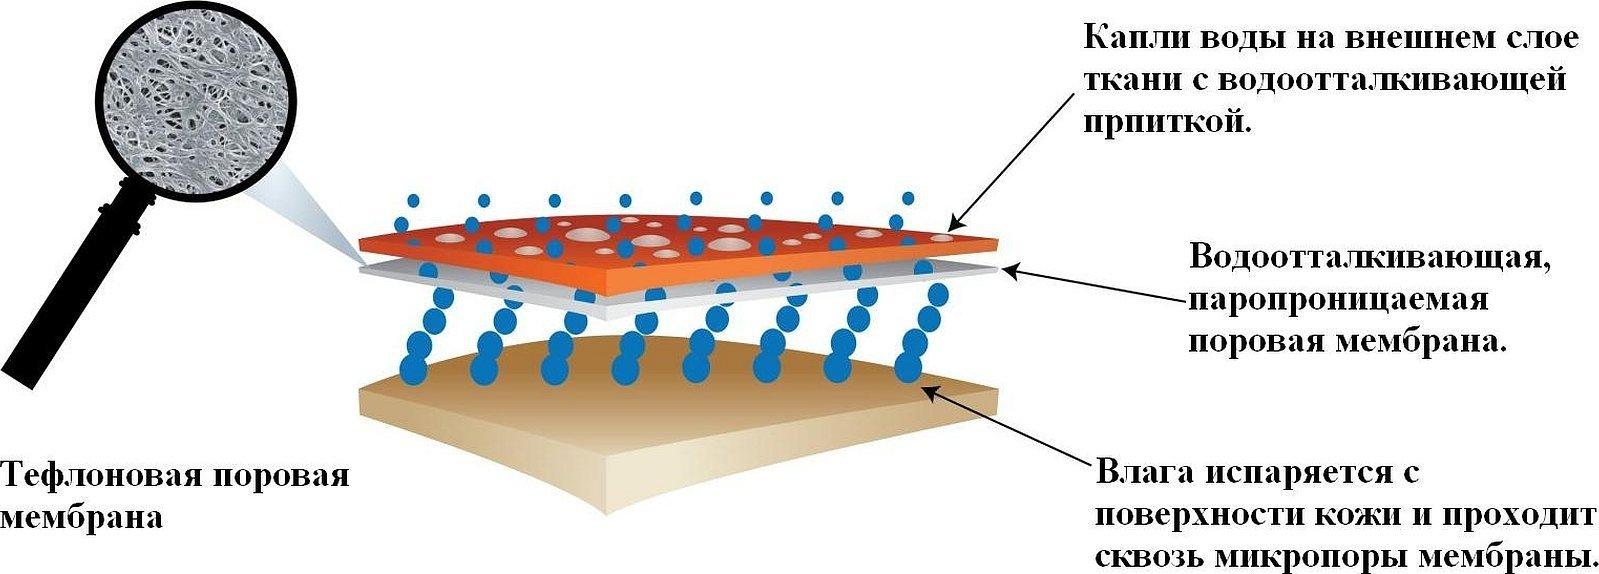 Поровая мембрана